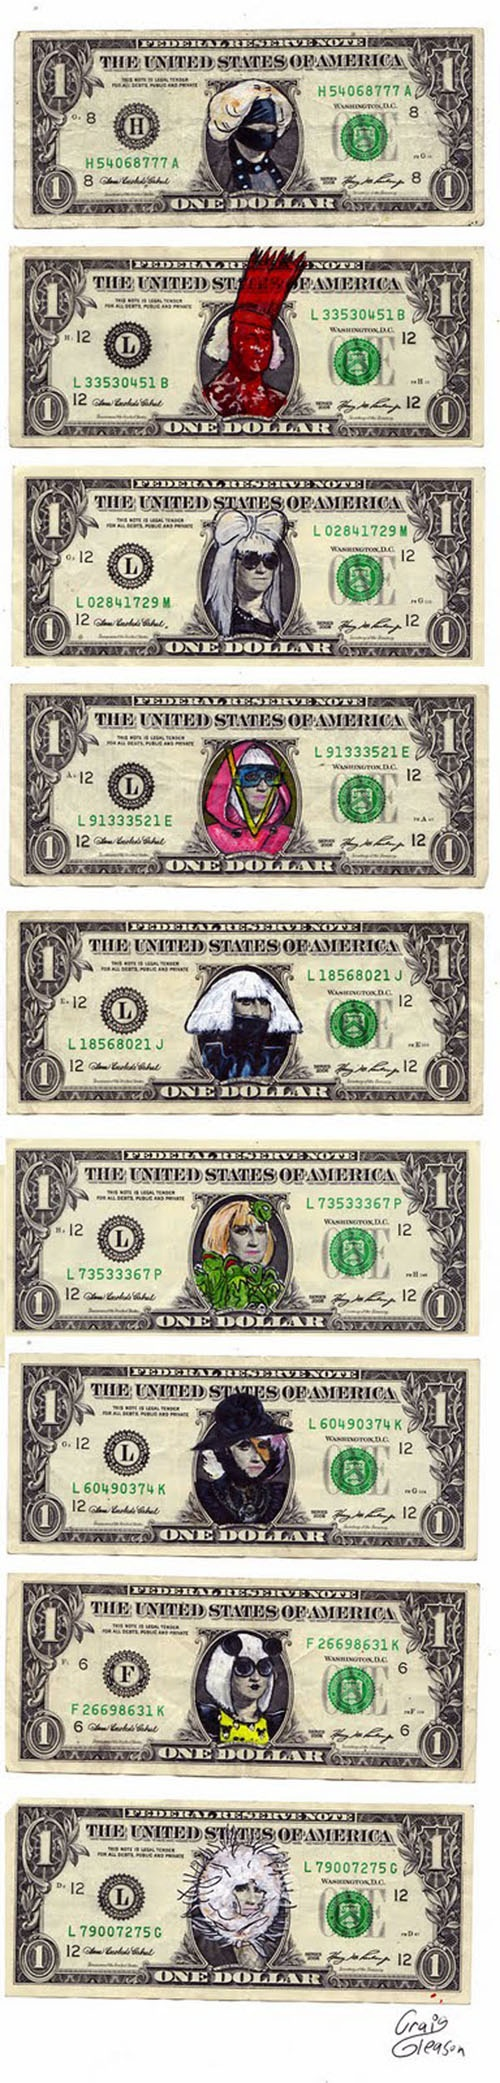 Lady Gaga Dollar